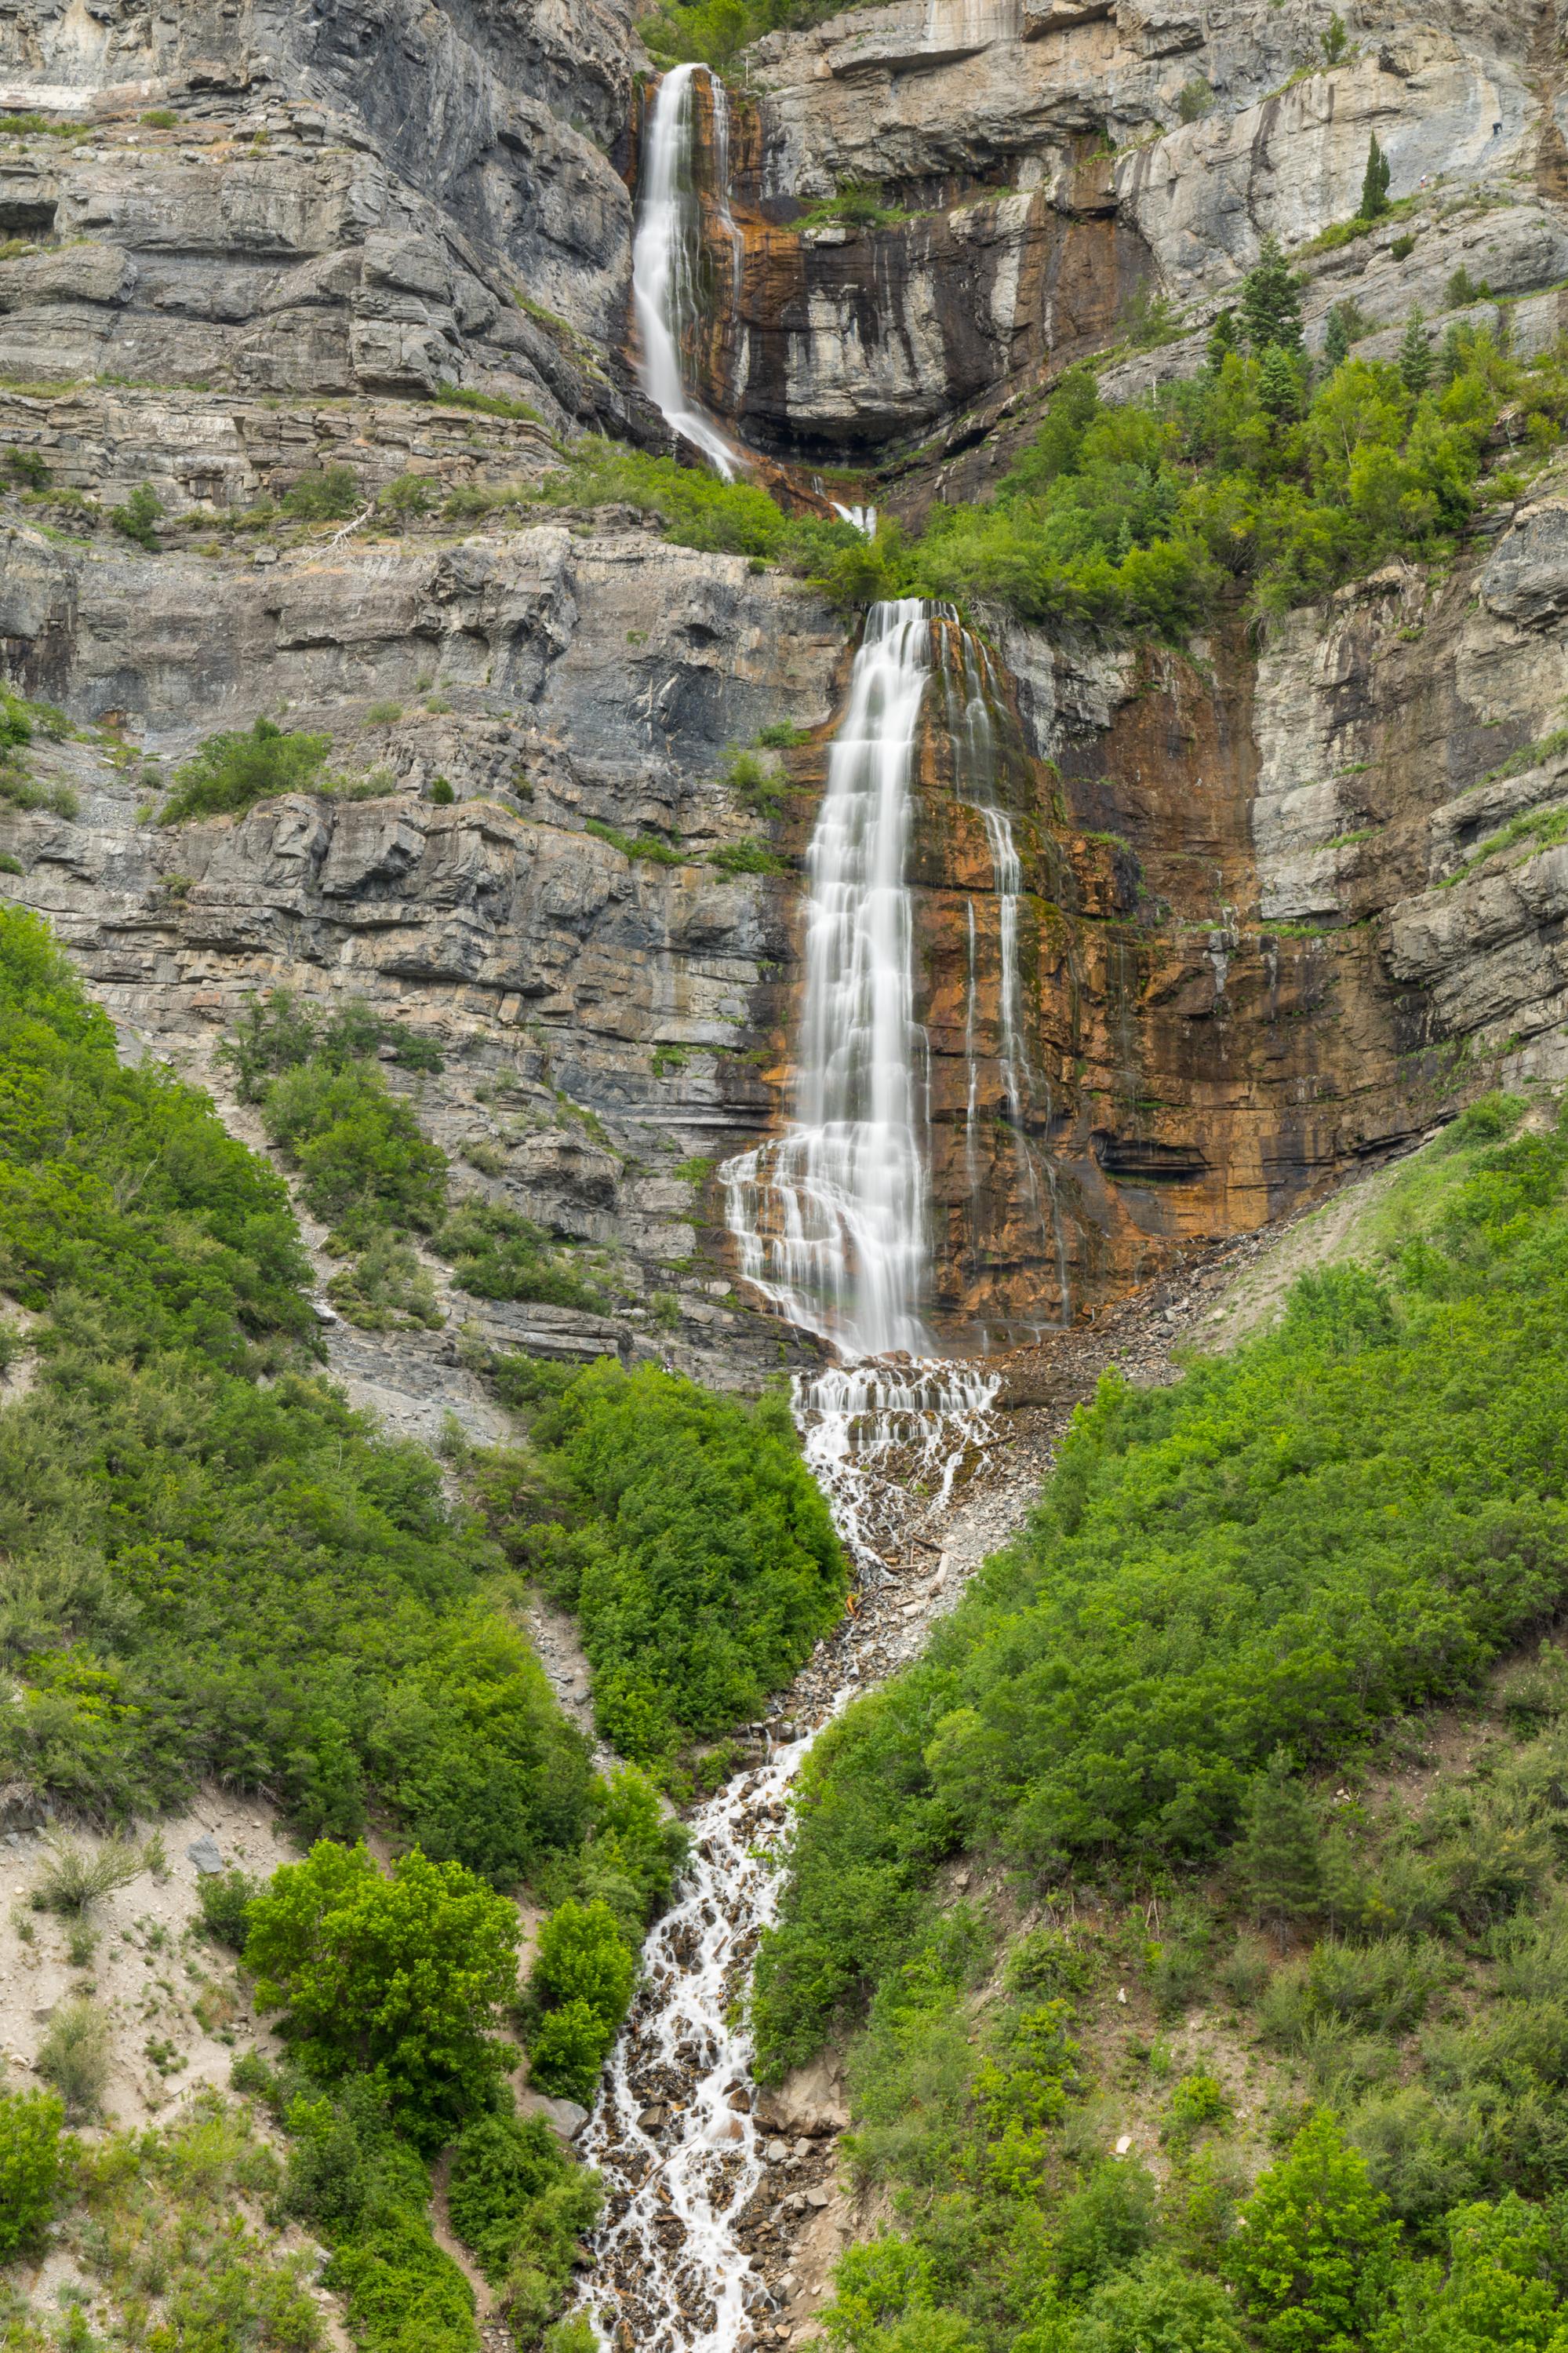 Bridal Veil Falls, Provo Canyon, Image # 0751